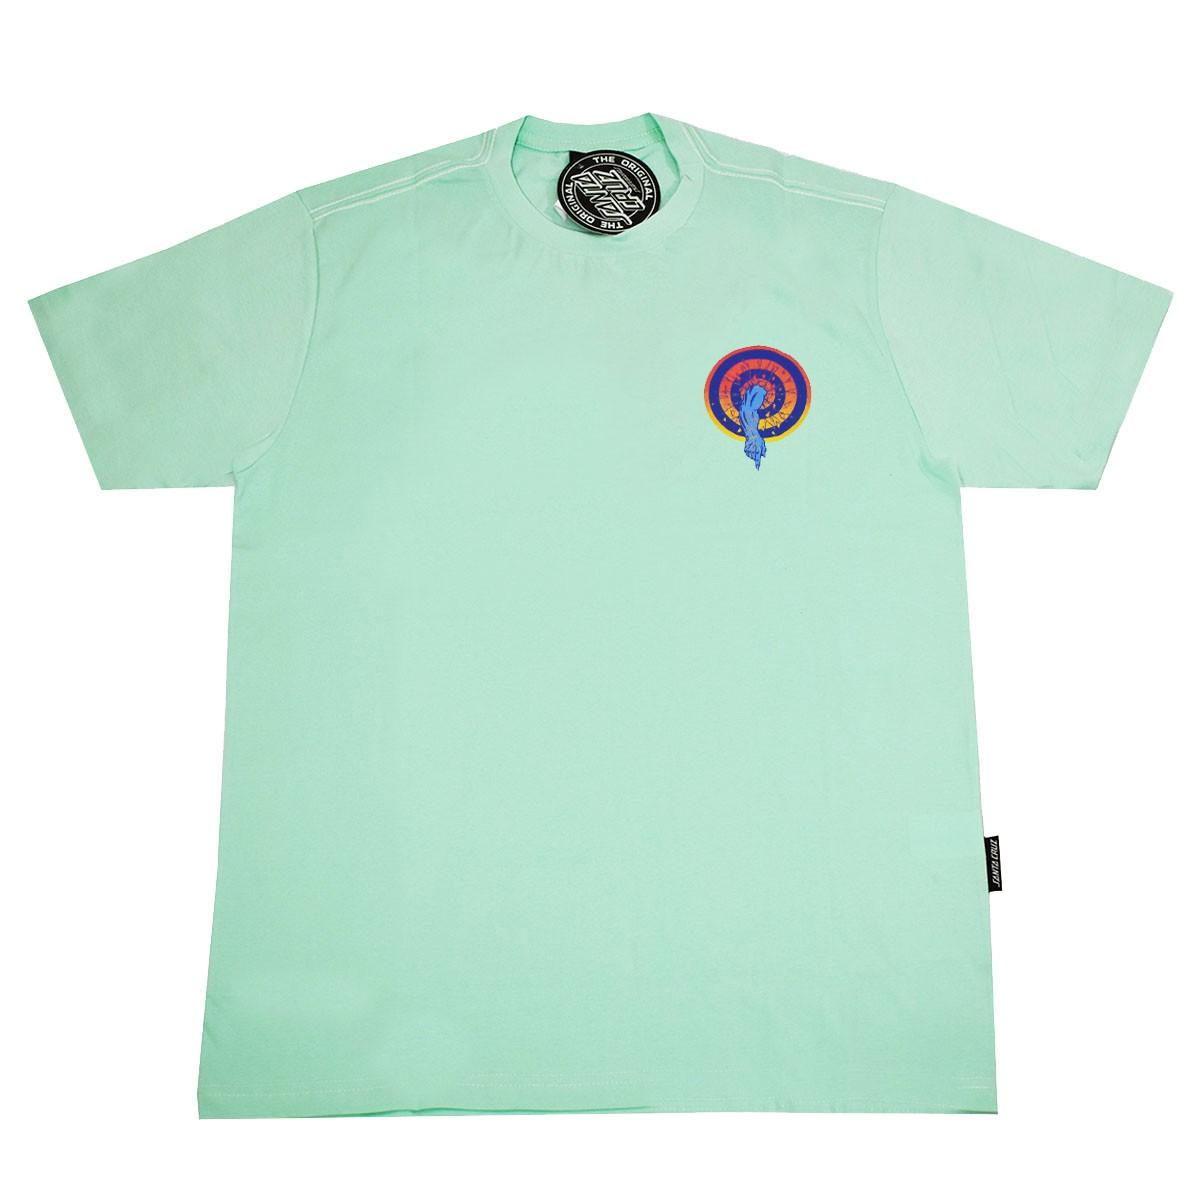 Camiseta Santa Cruz Roskopp